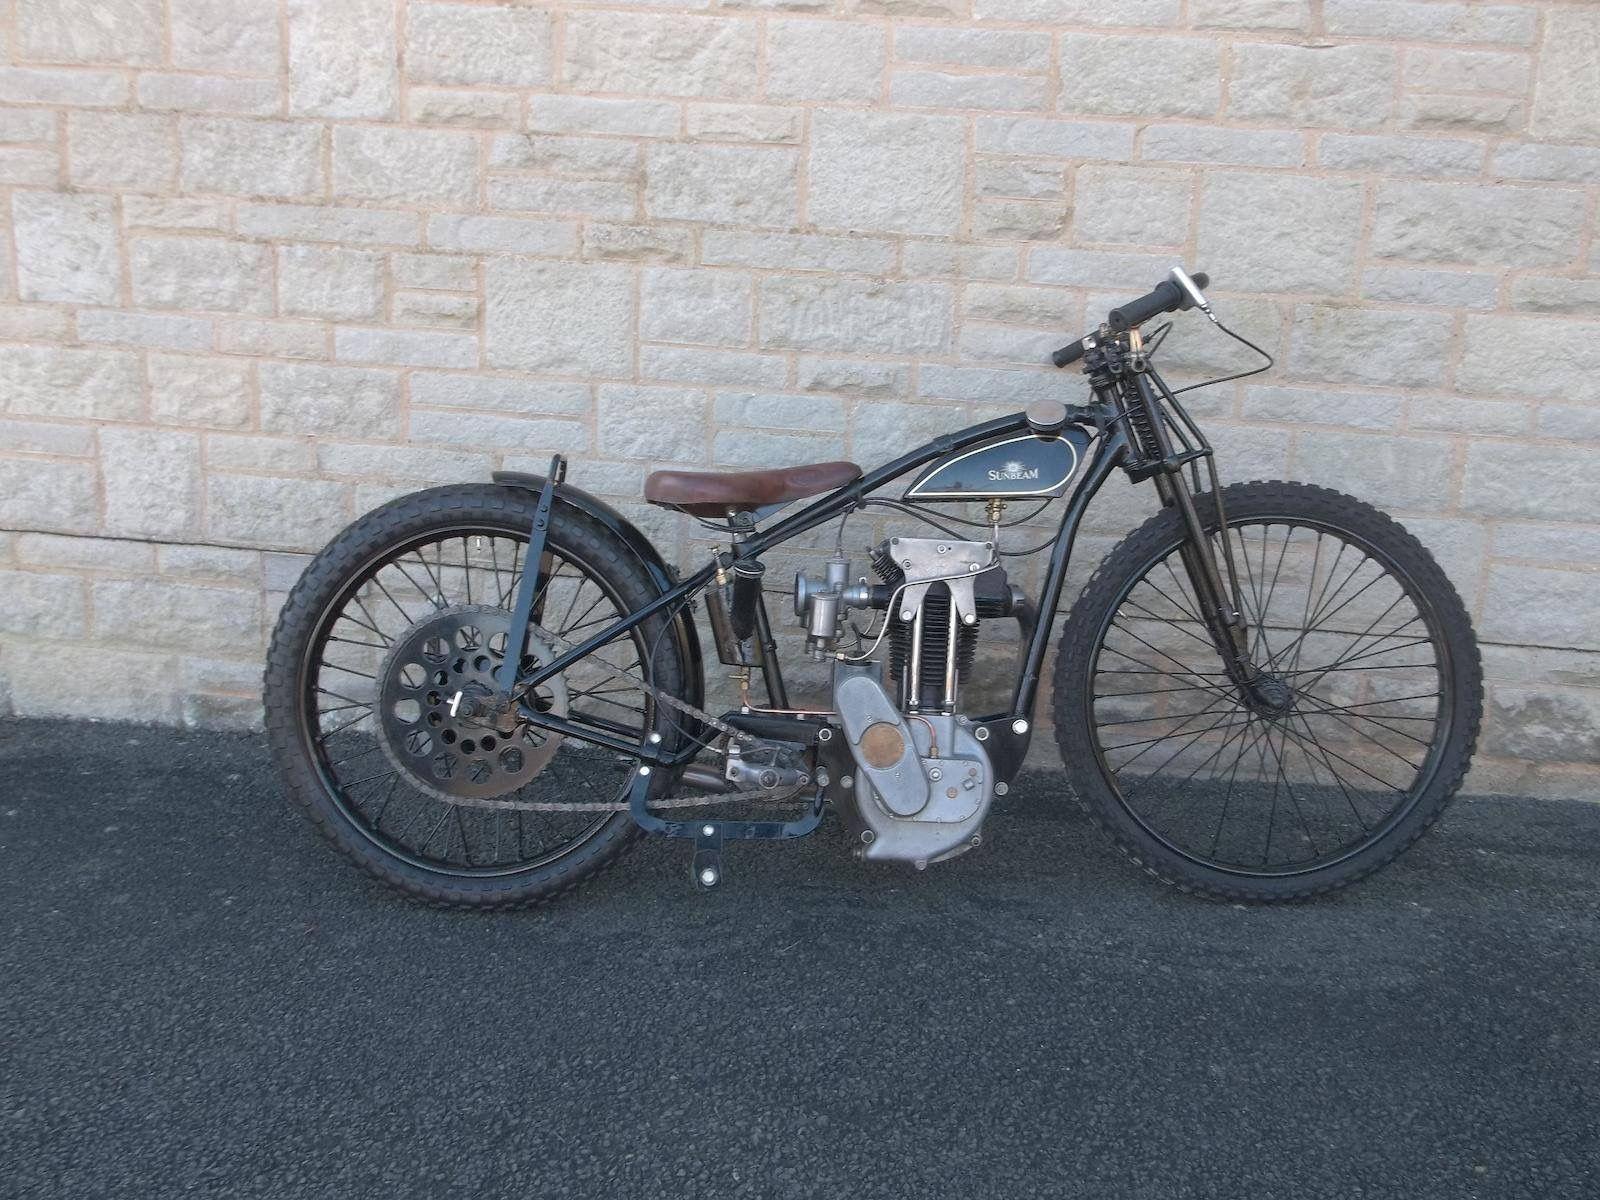 Pin de Quique Maqueda en British bikes